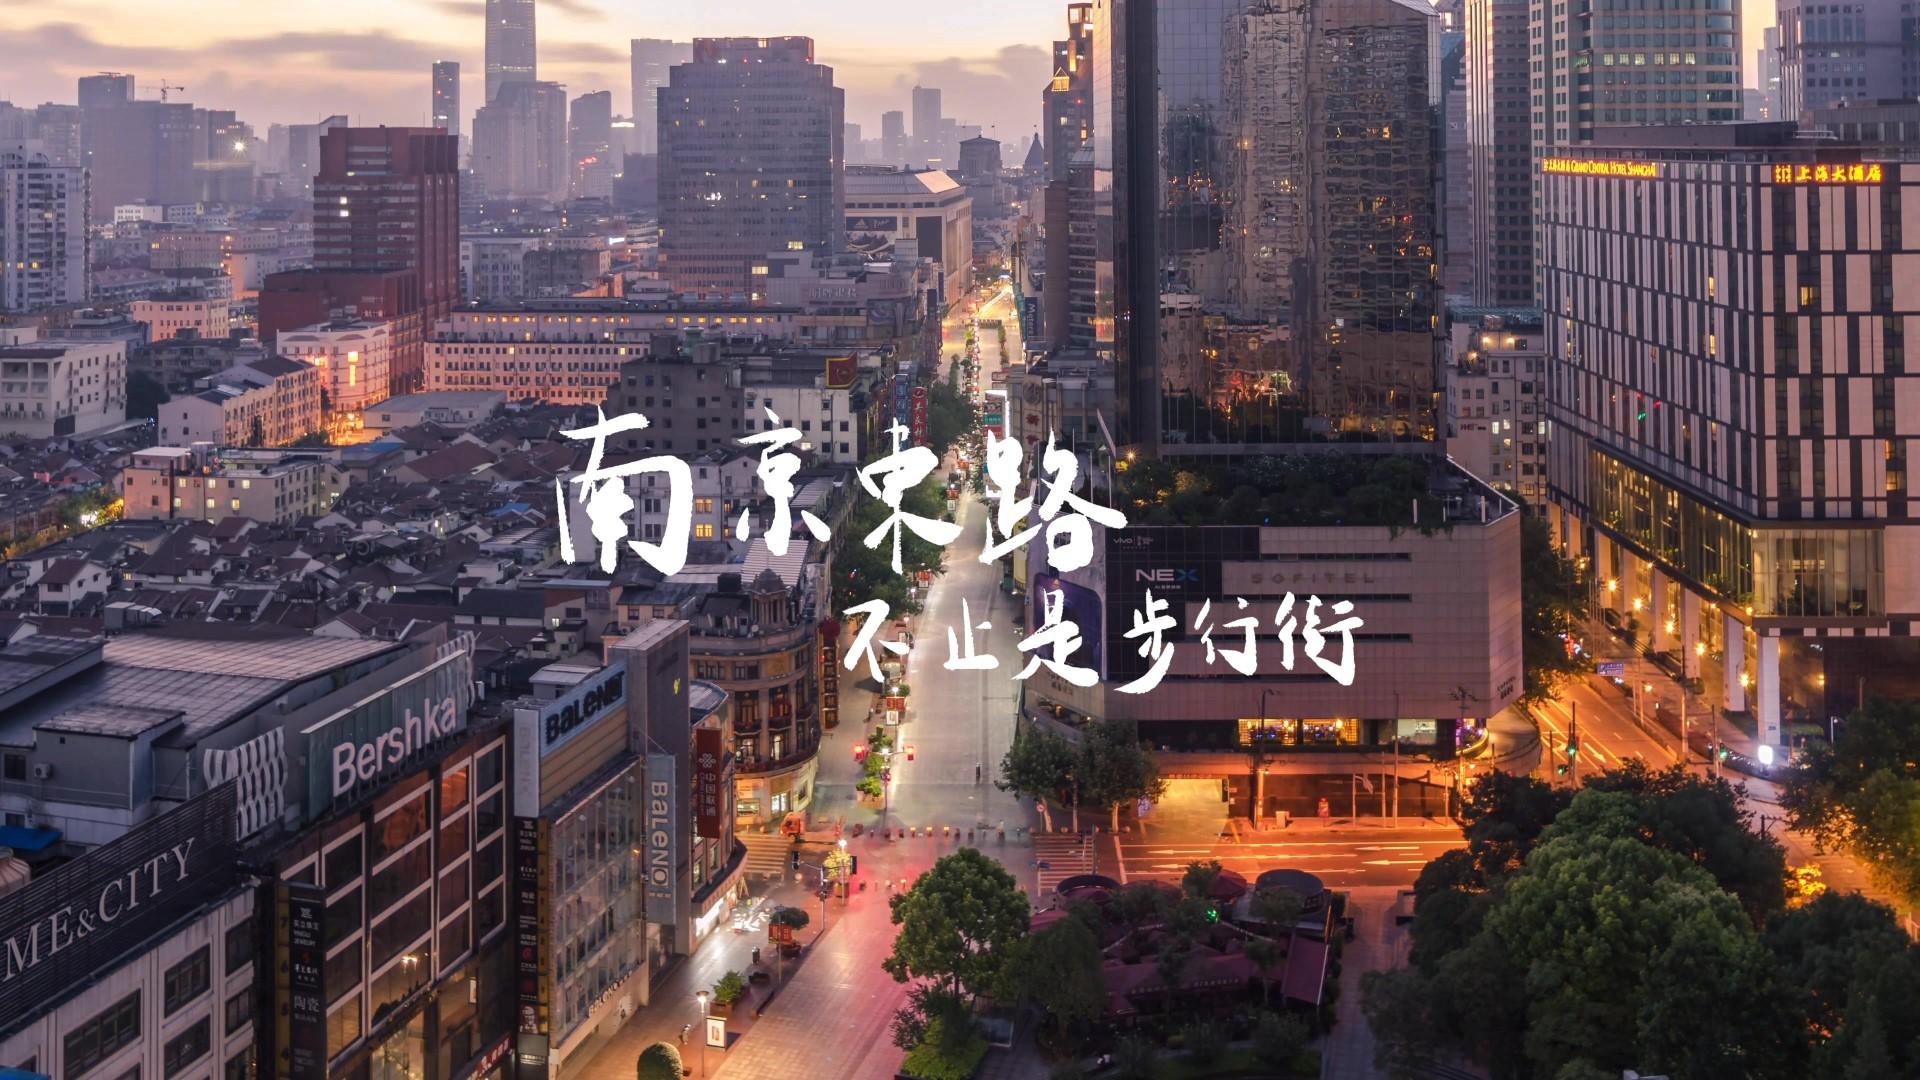 南京东路,不止是步行街V3.mov_20190218_122701.375.jpg